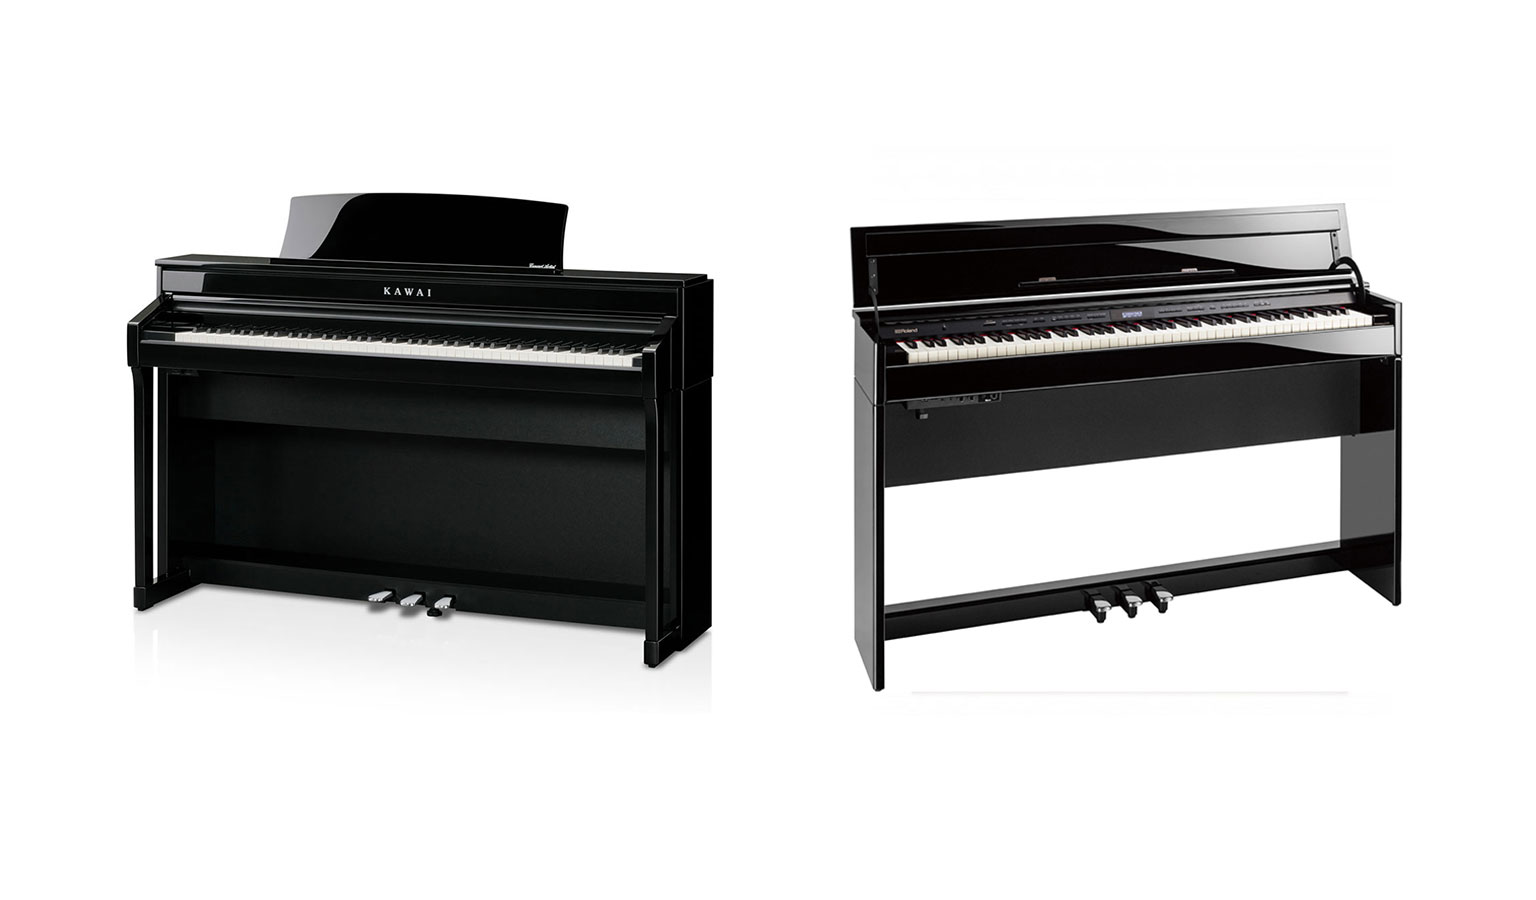 Kawai CA78 vs Roland DP603